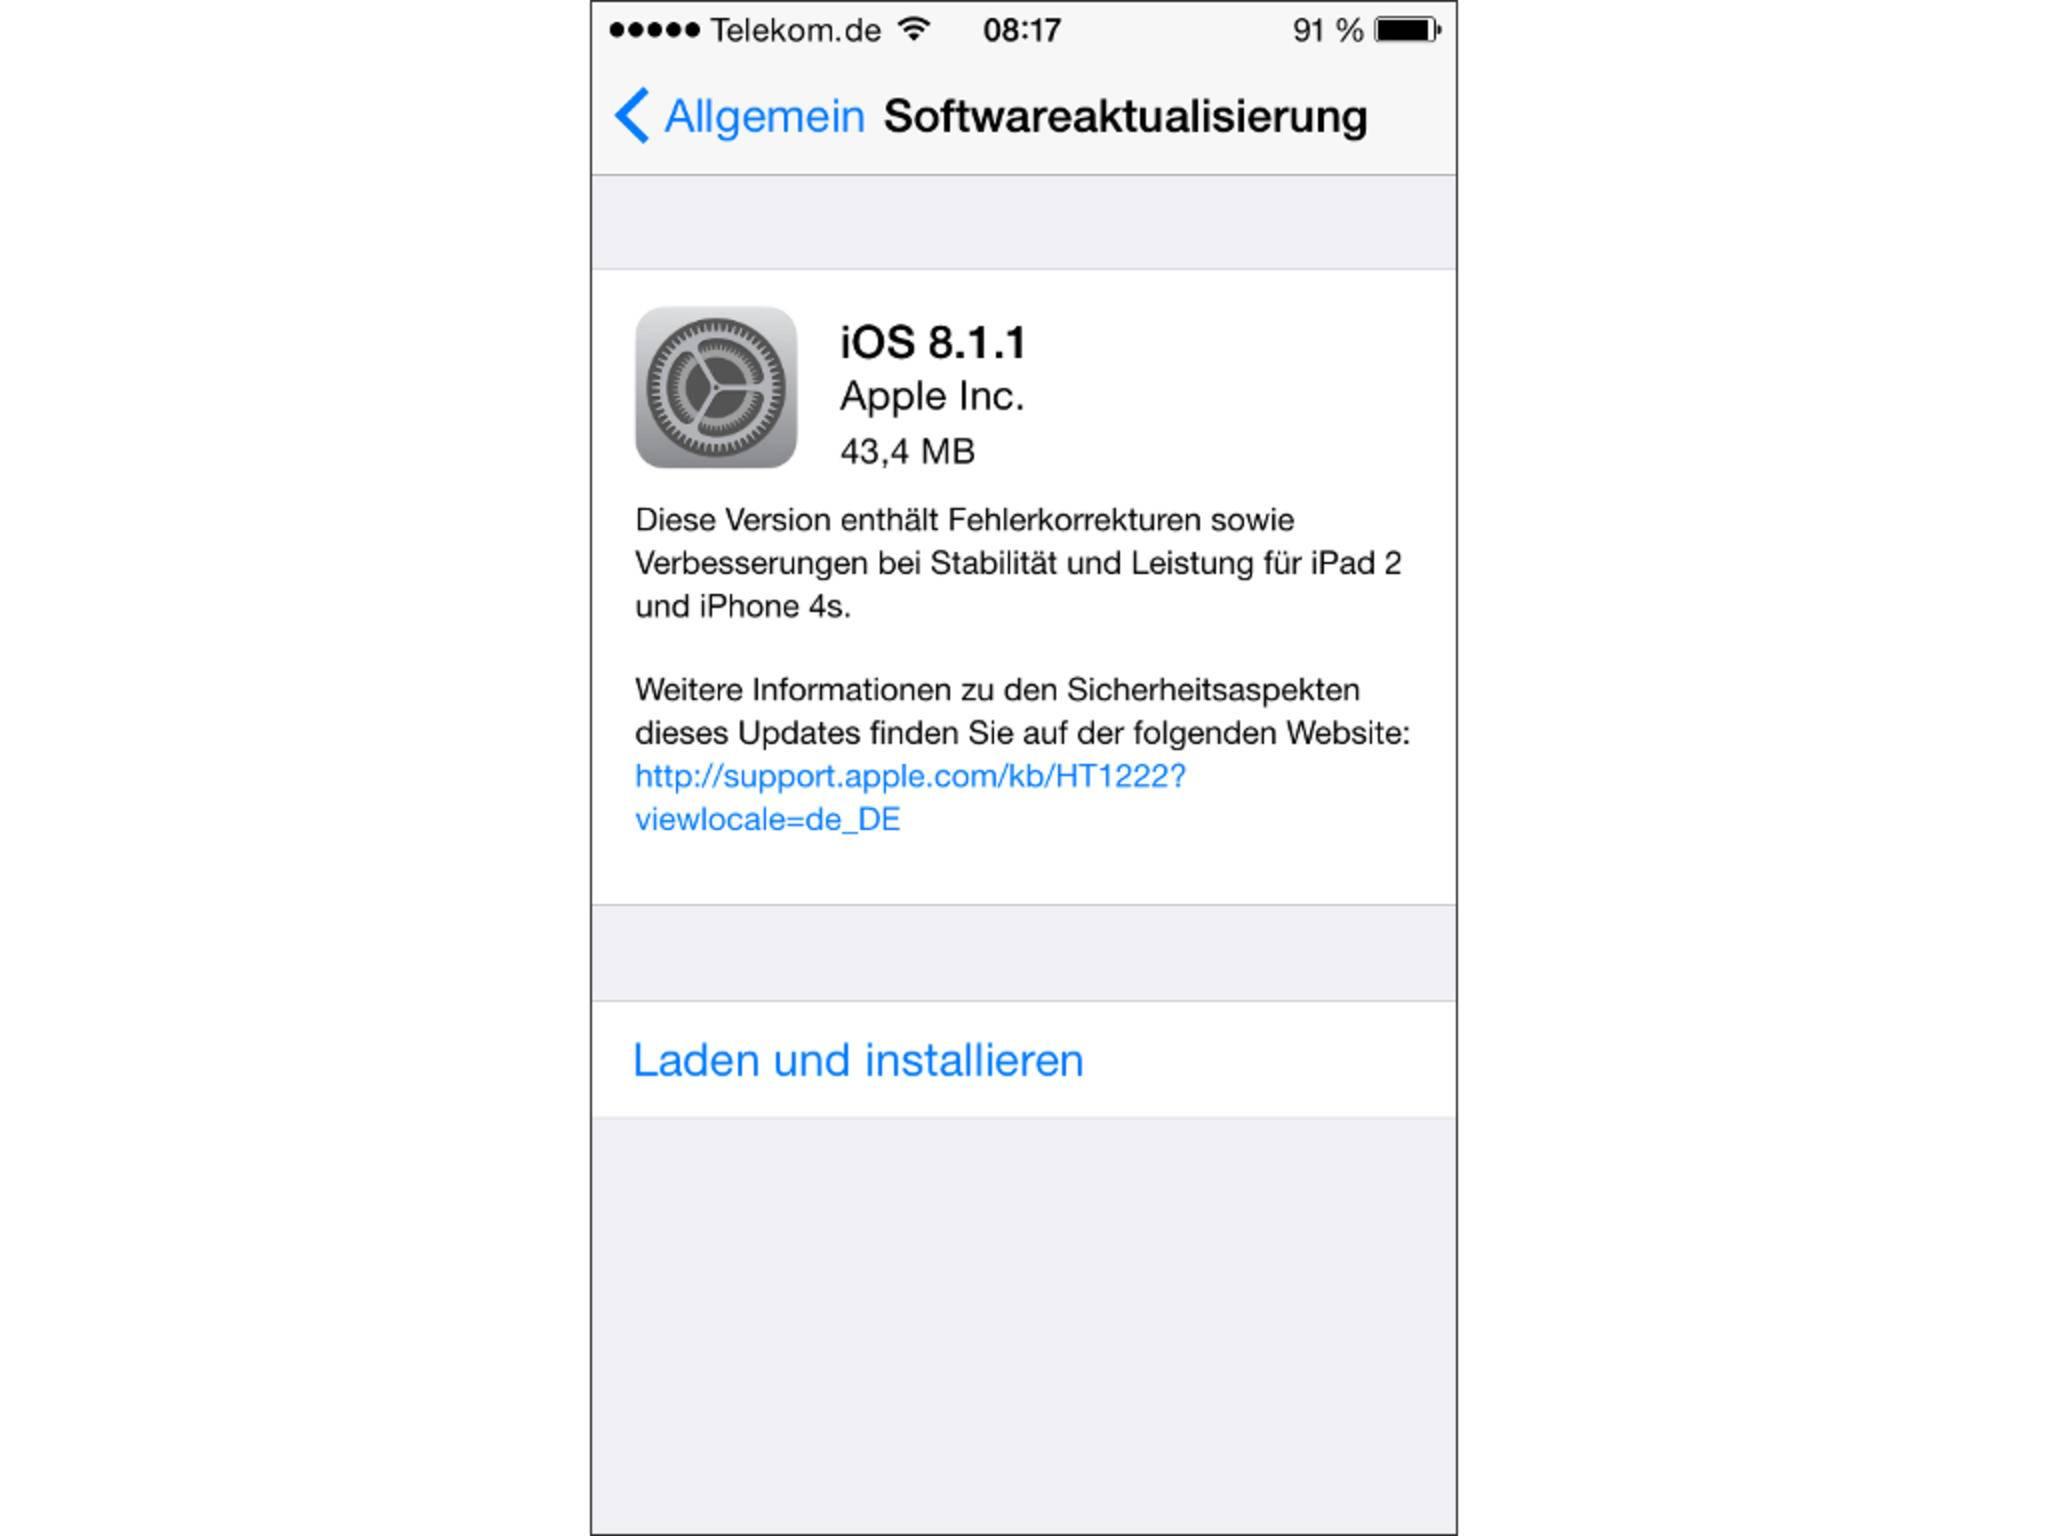 Nach der Installation von iOS 8.1.1 ist ein Downgrade auf iOS 8.1 künftig nicht mehr möglich.